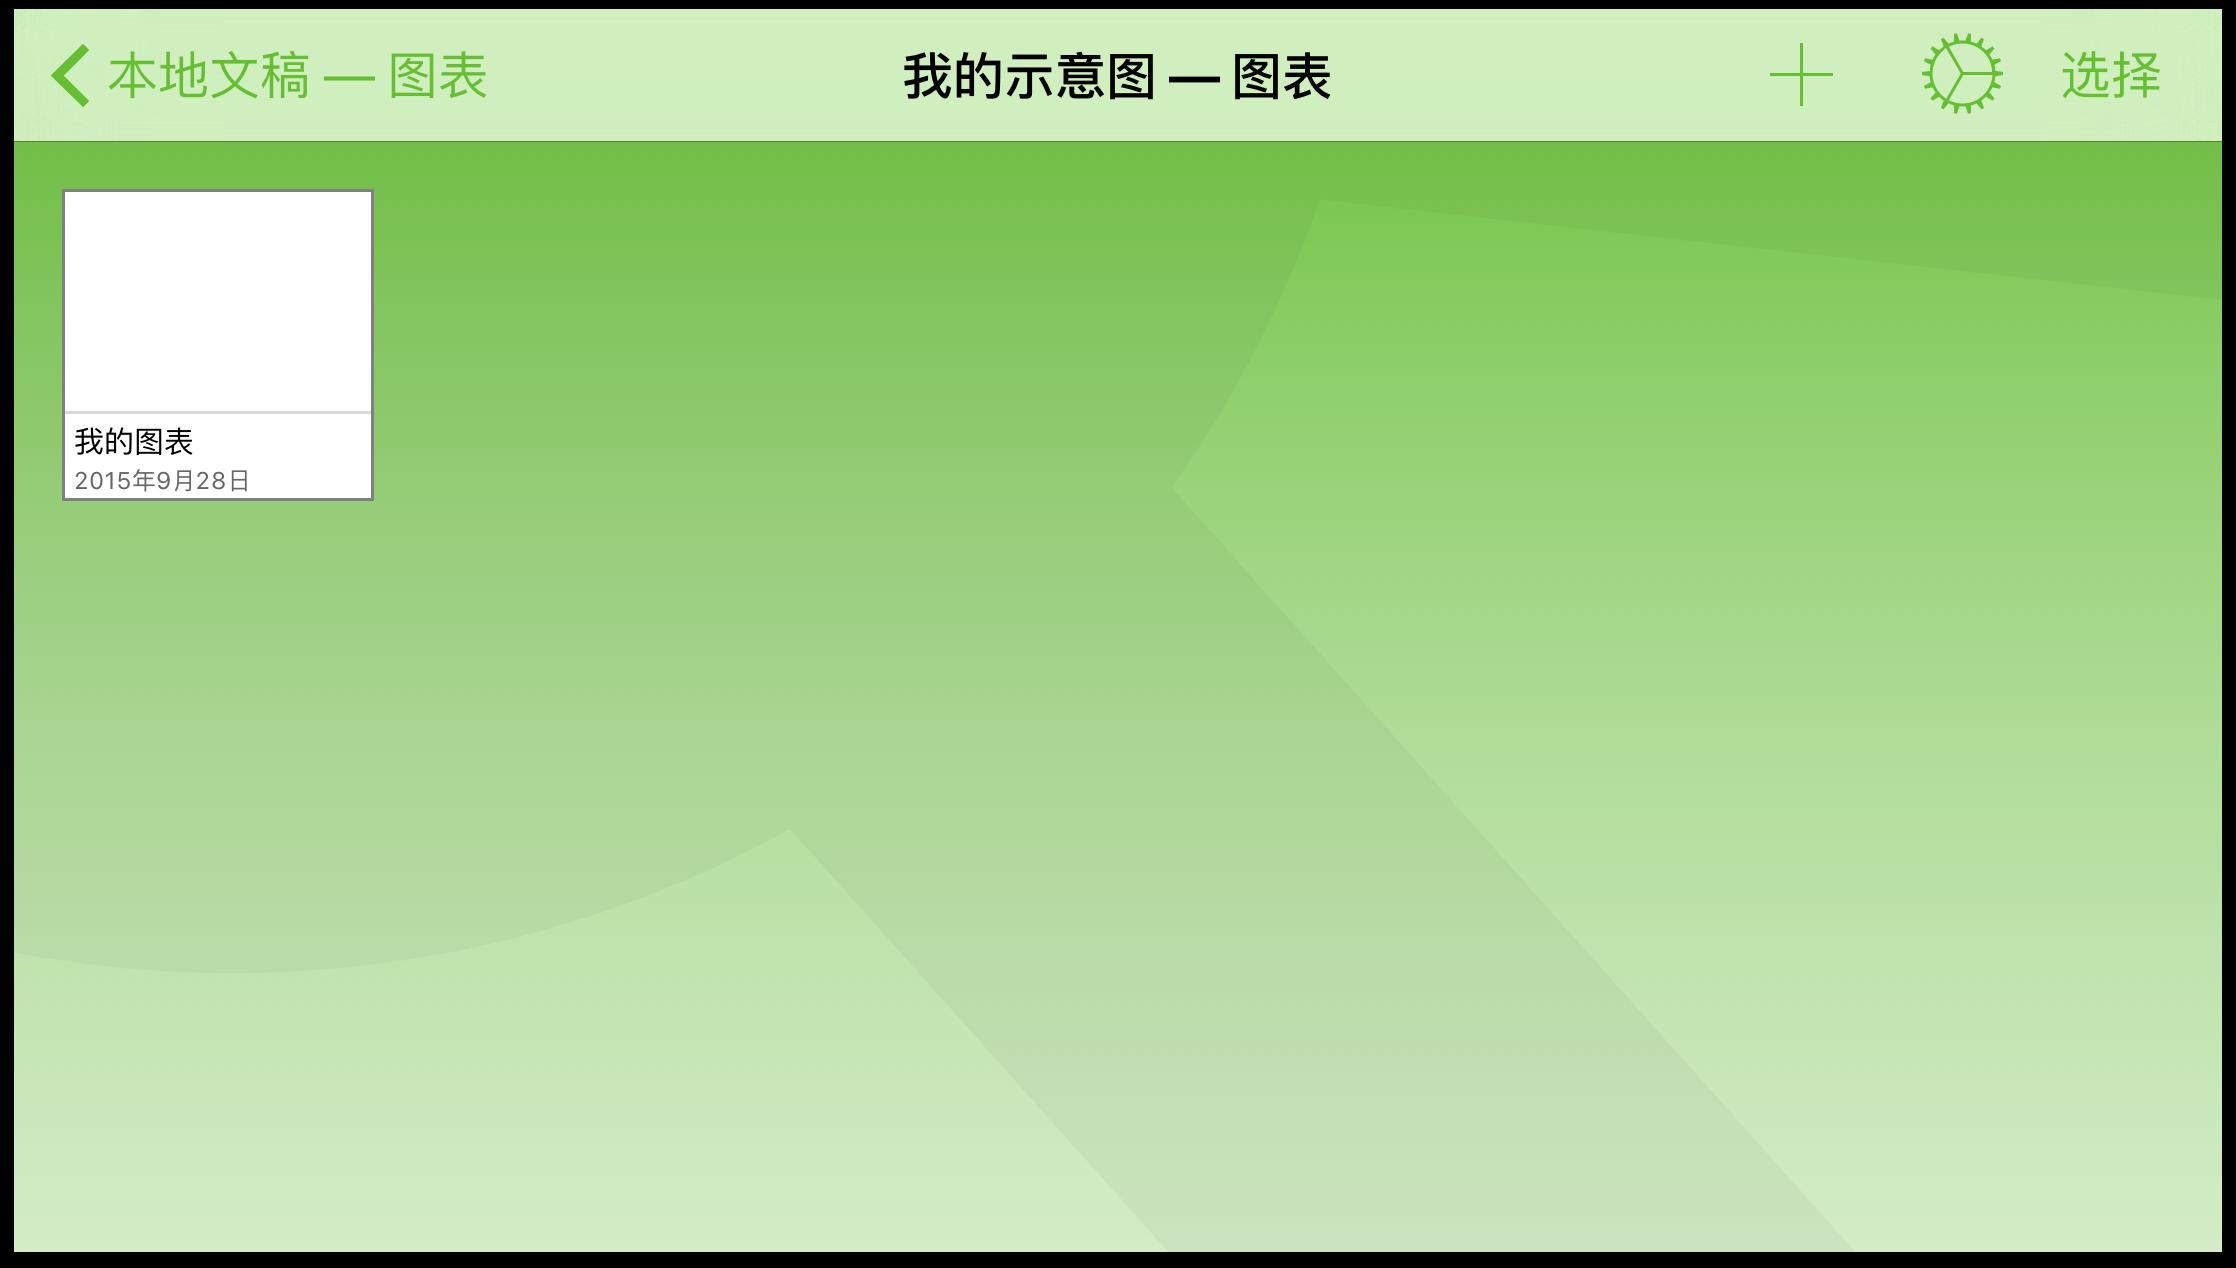 轻按可打开子文件夹,然后轻按要在 OmniGraffle 中打开的文件。